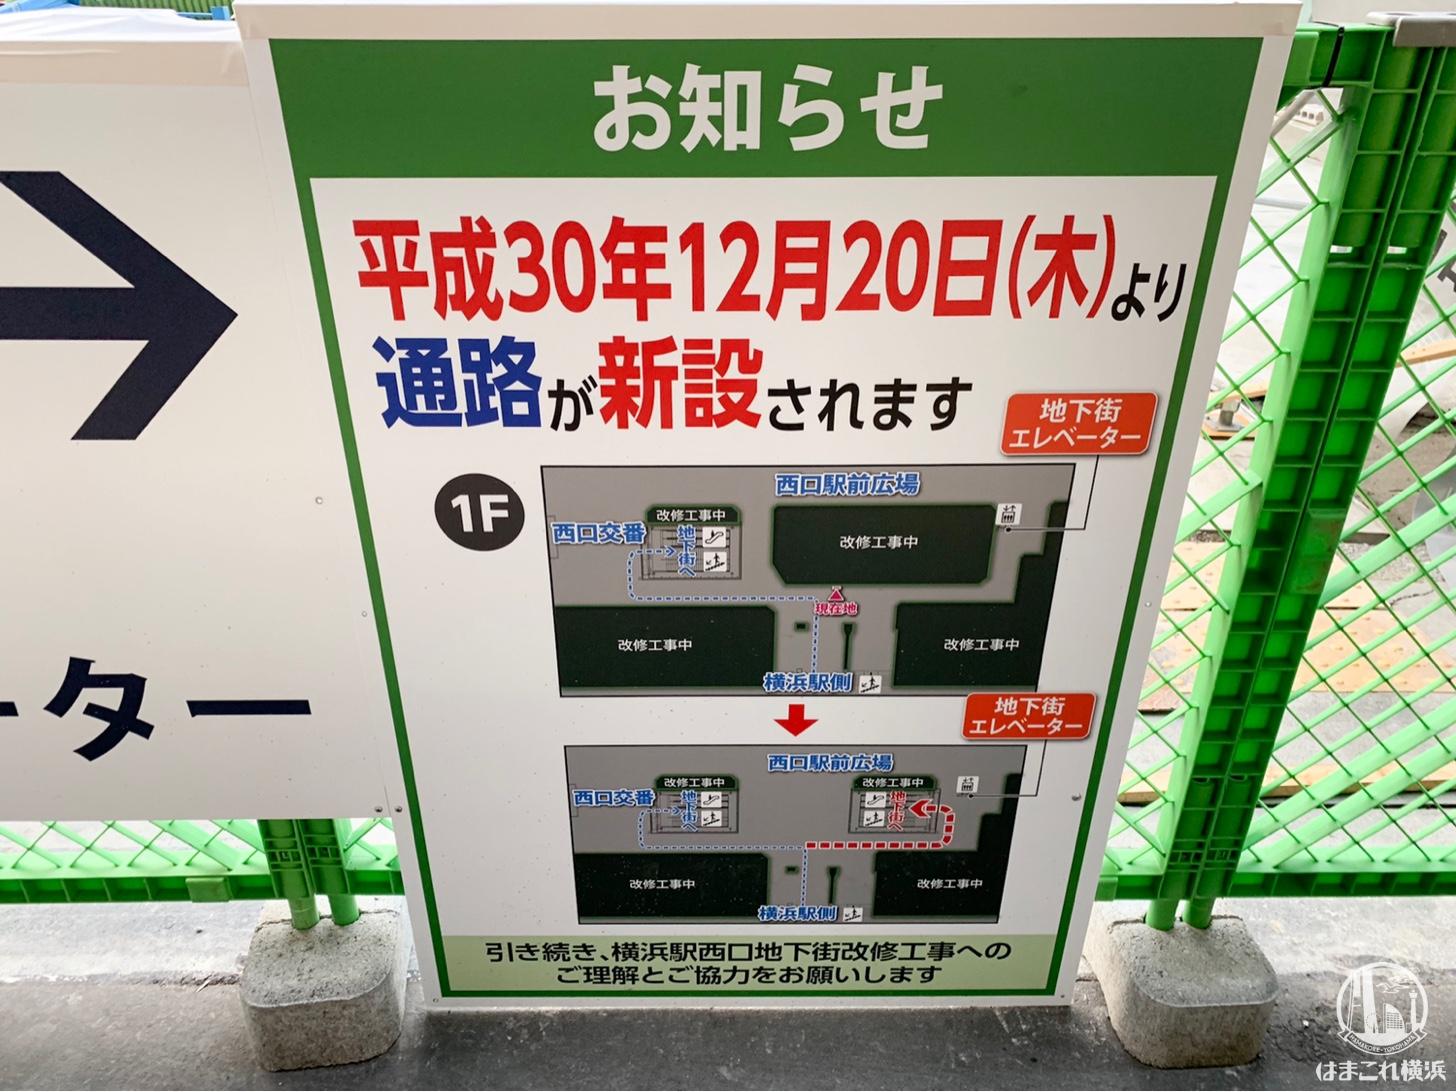 横浜駅西口 通路新設 12月20日